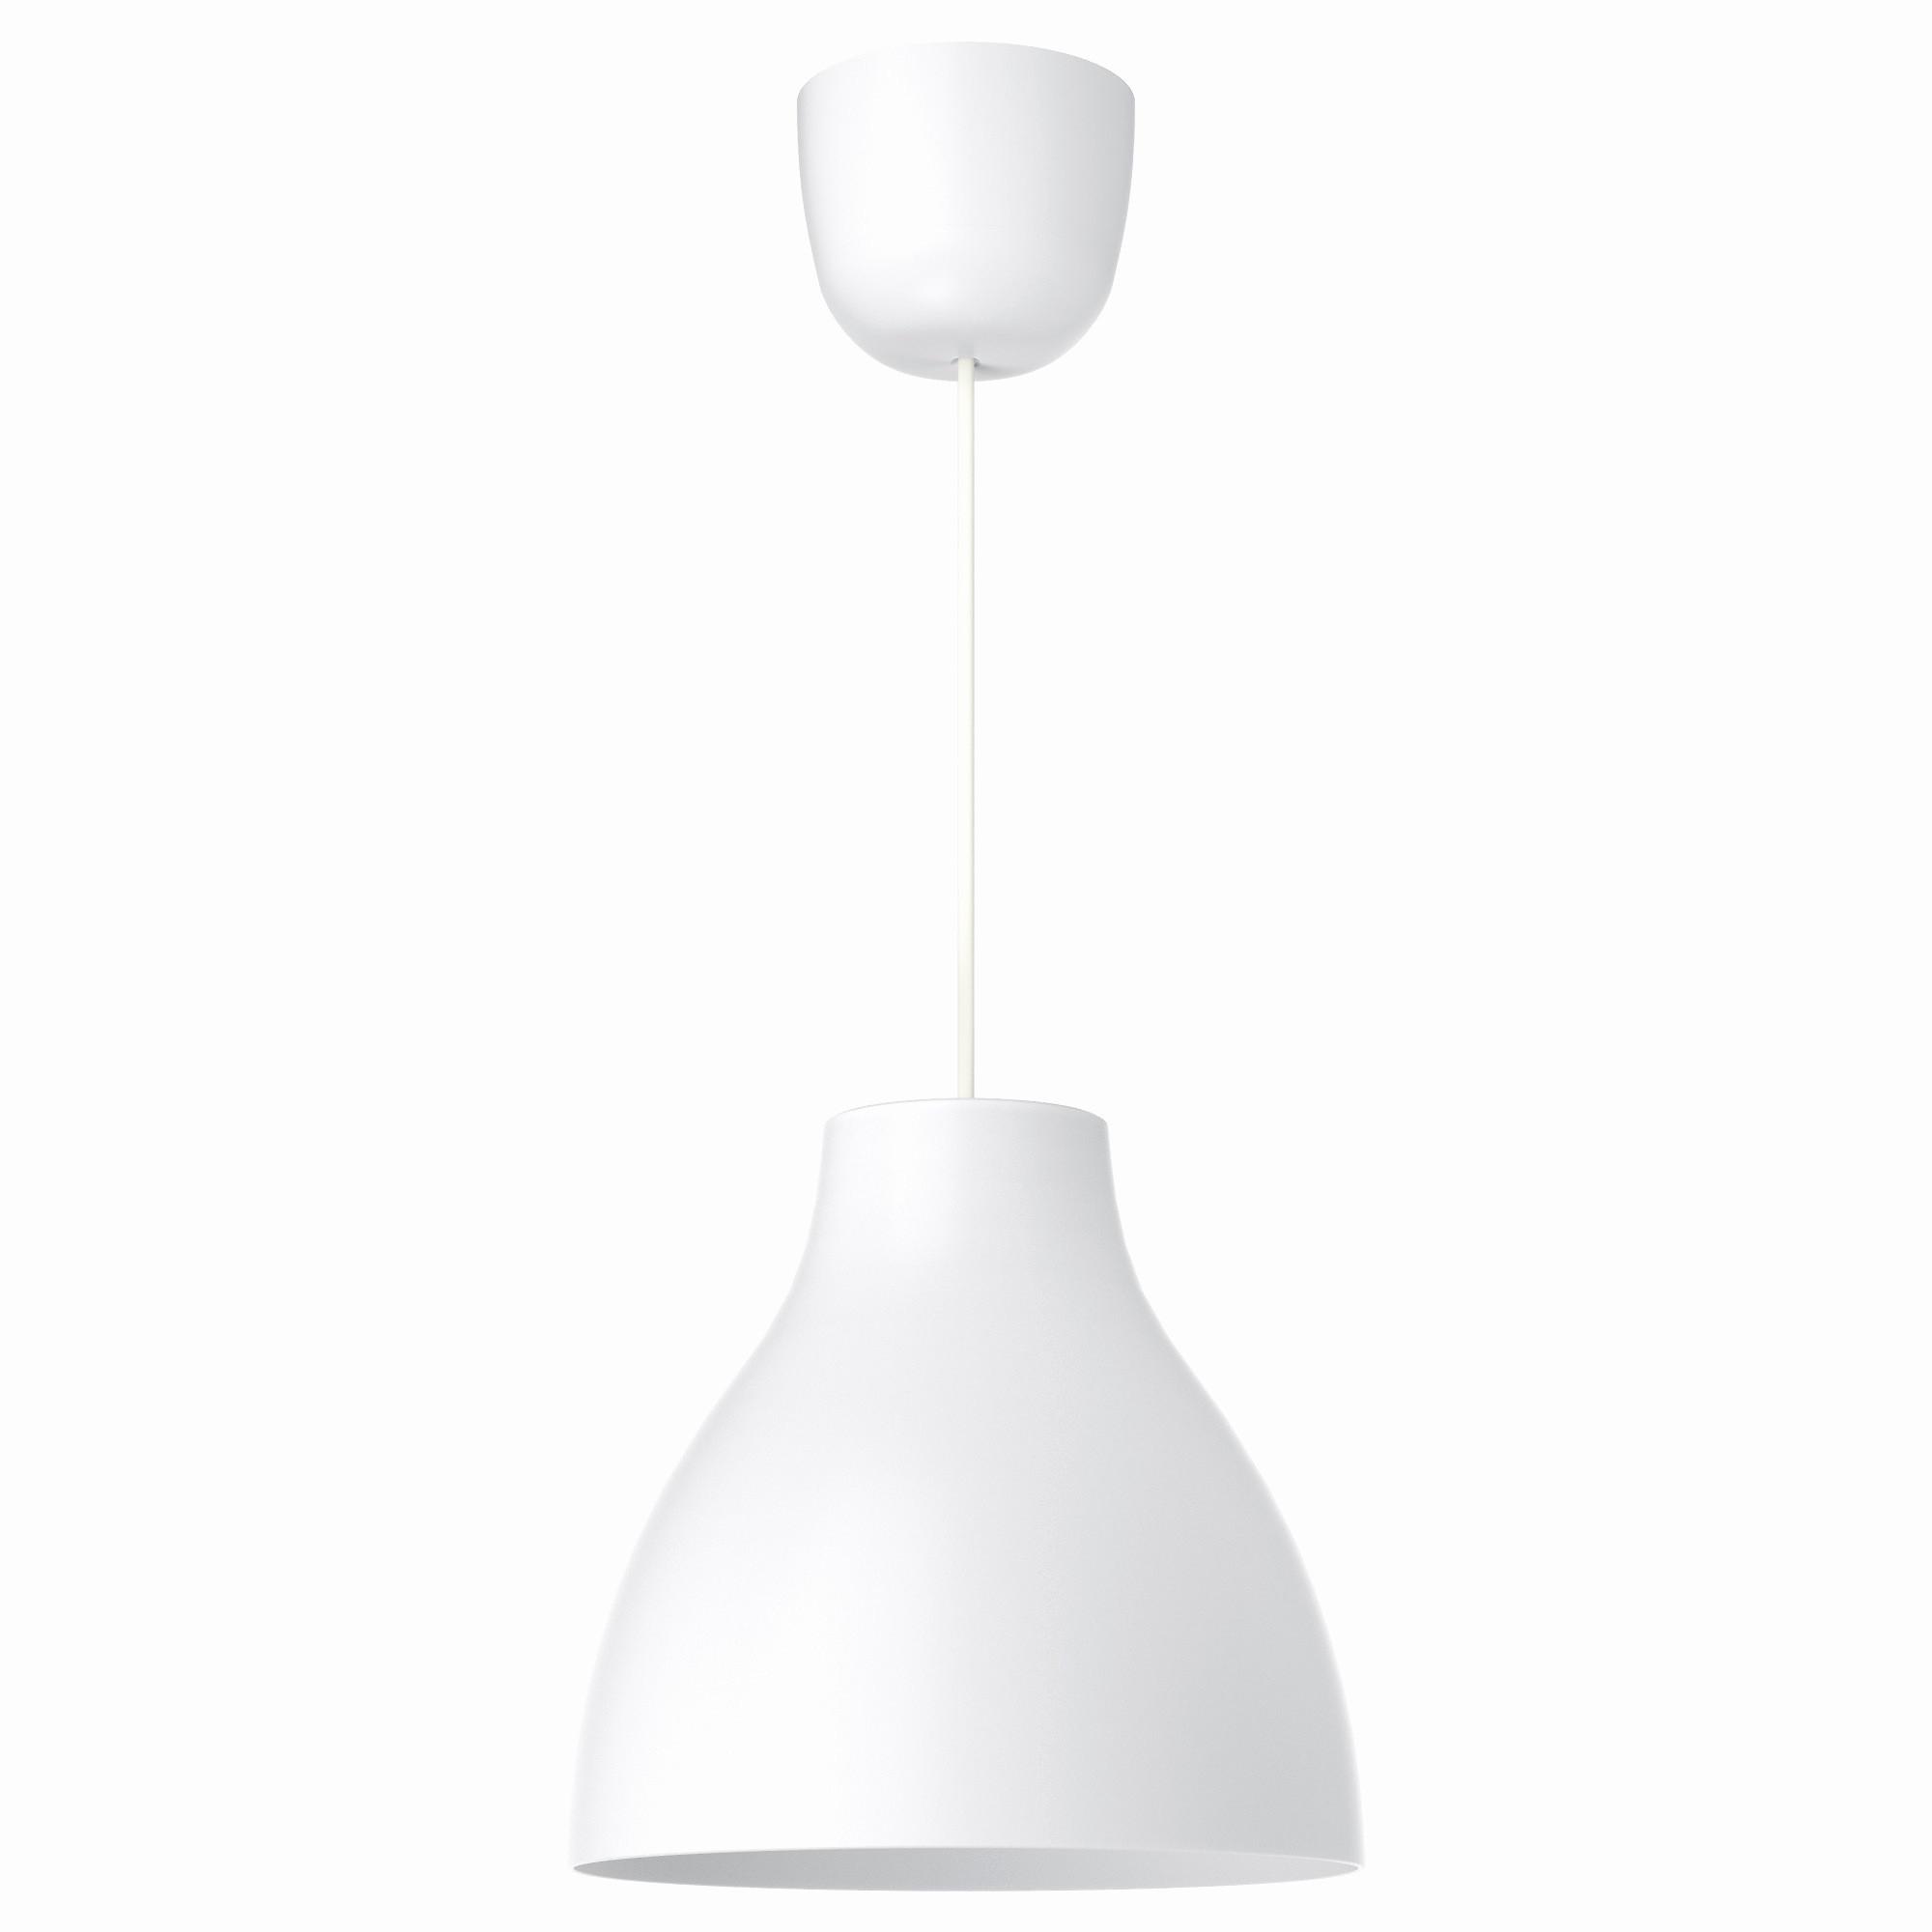 Applique Salle De Bain Avec Interrupteur Ikea Beau Photos Le Plus Applique Exterieur Ikea Idée – Sullivanmaxx